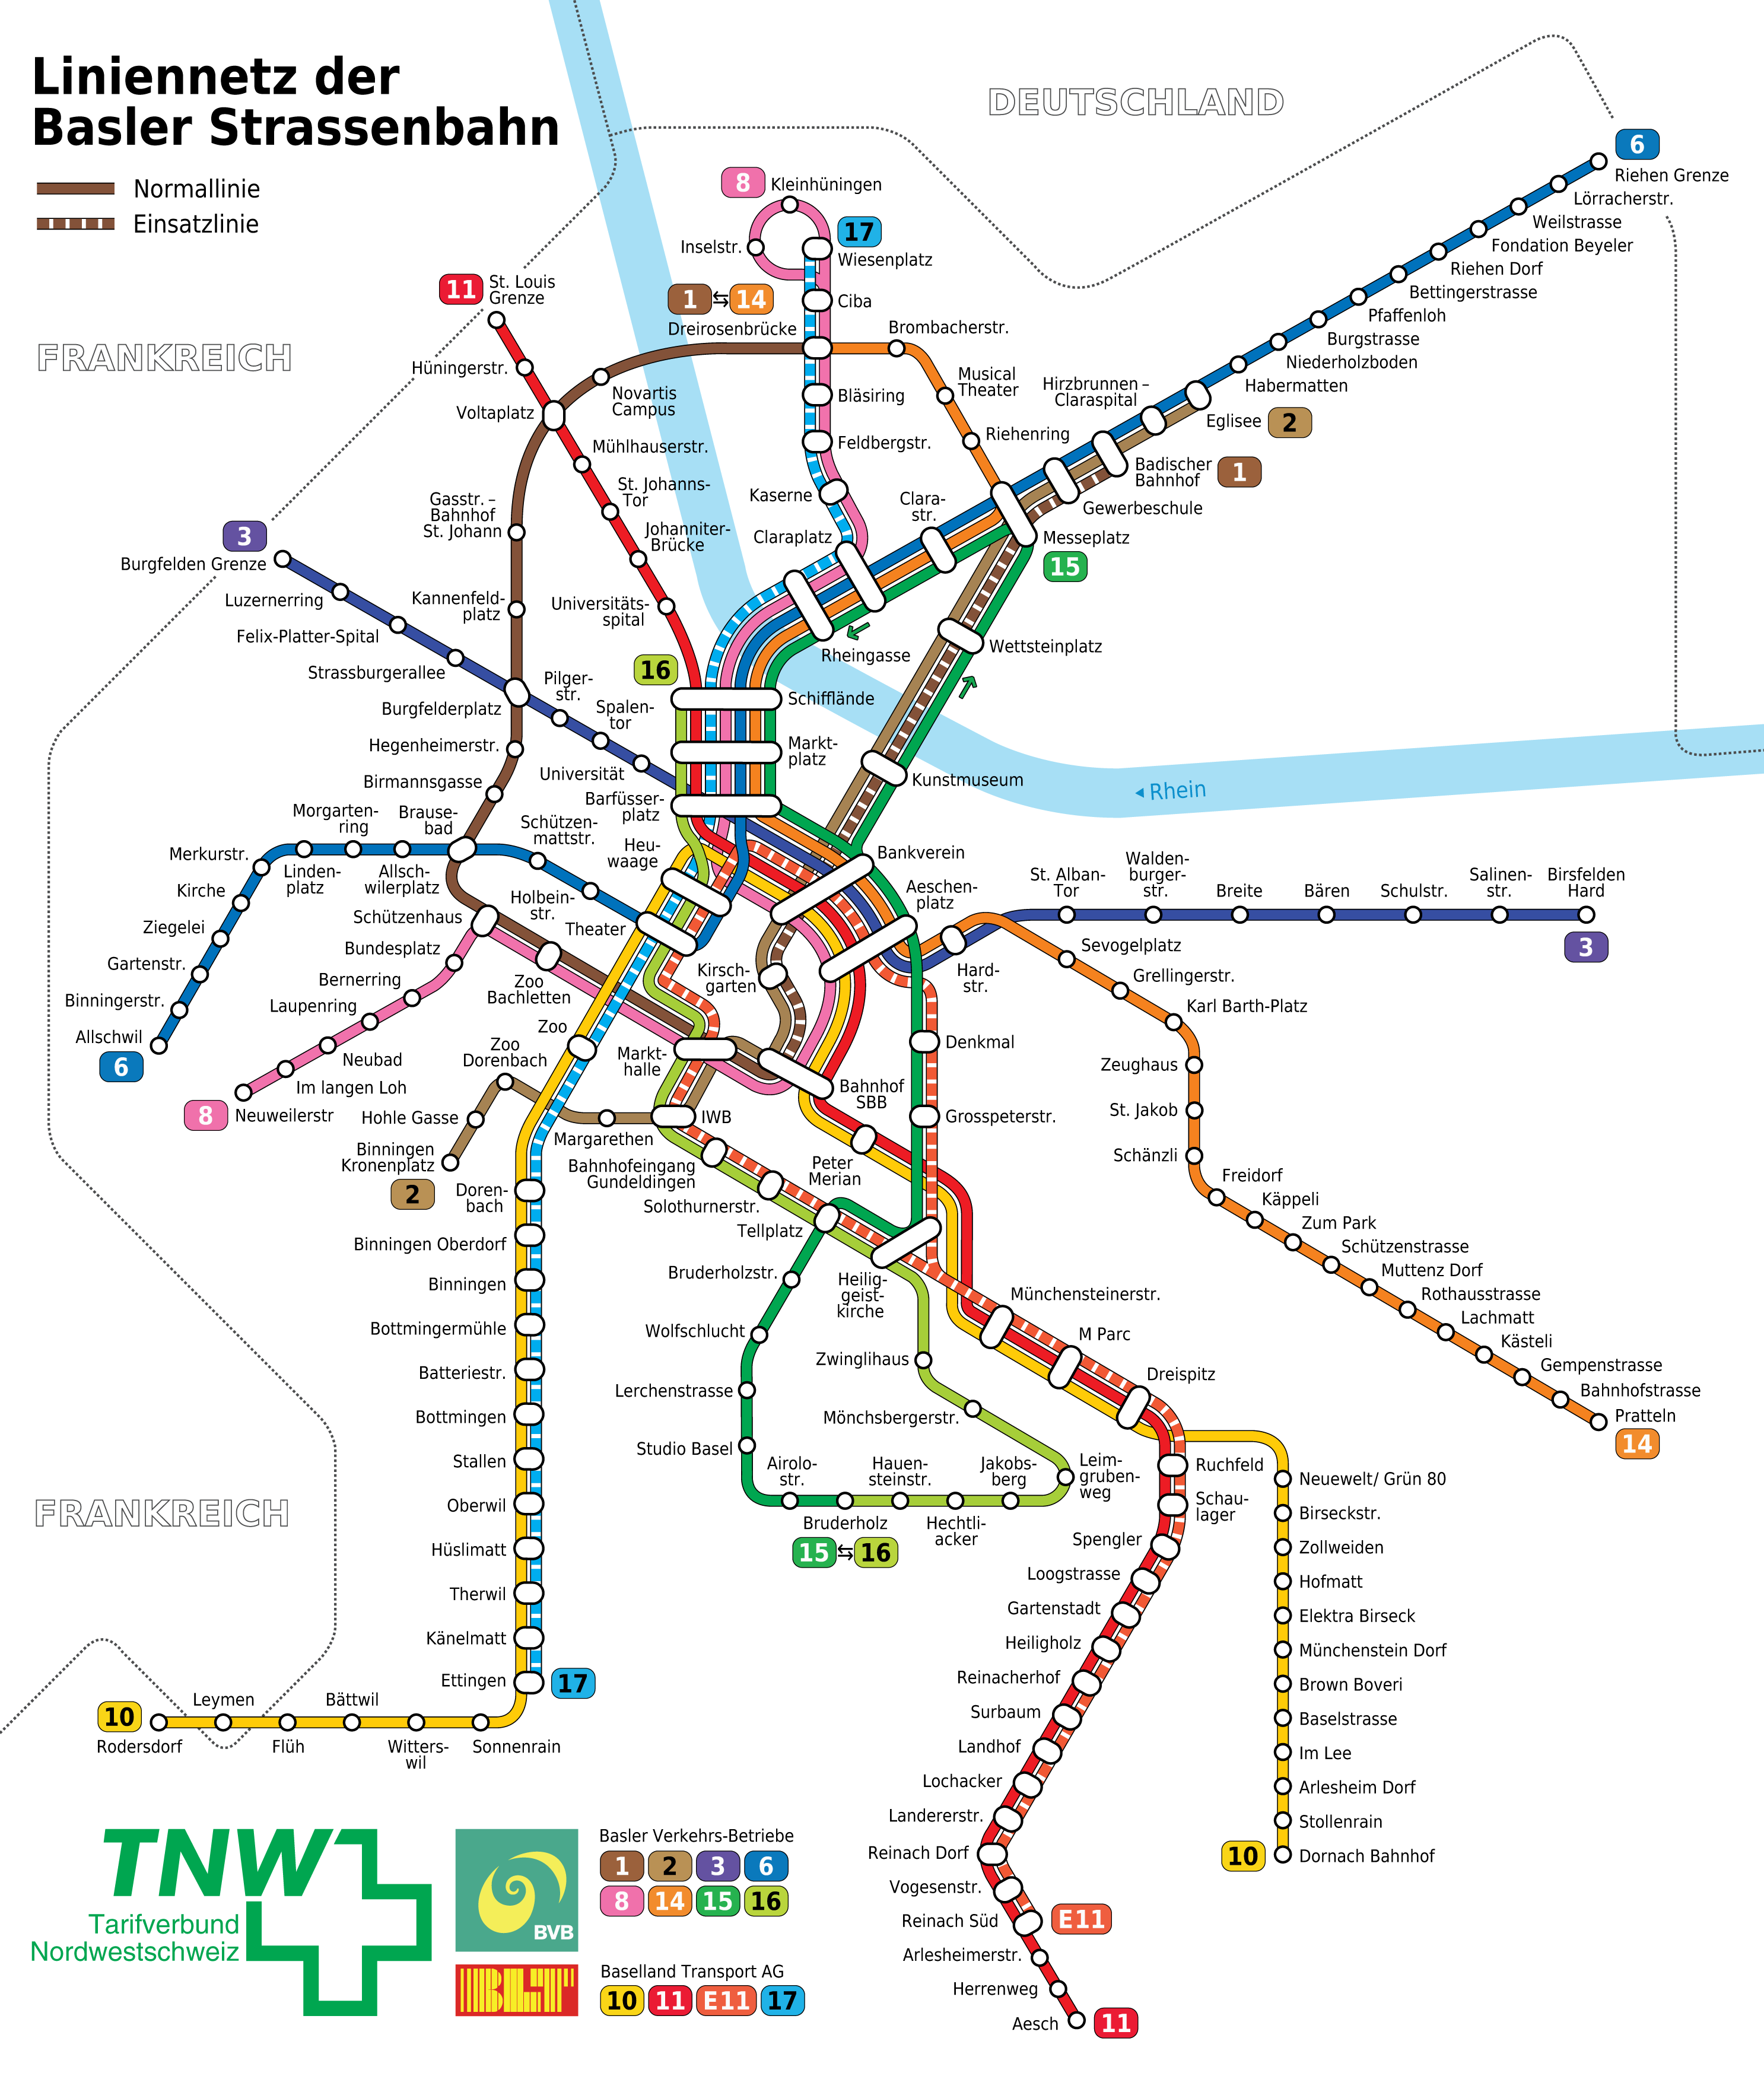 Liniennetz der Basler Strasssenbahn public transport maps